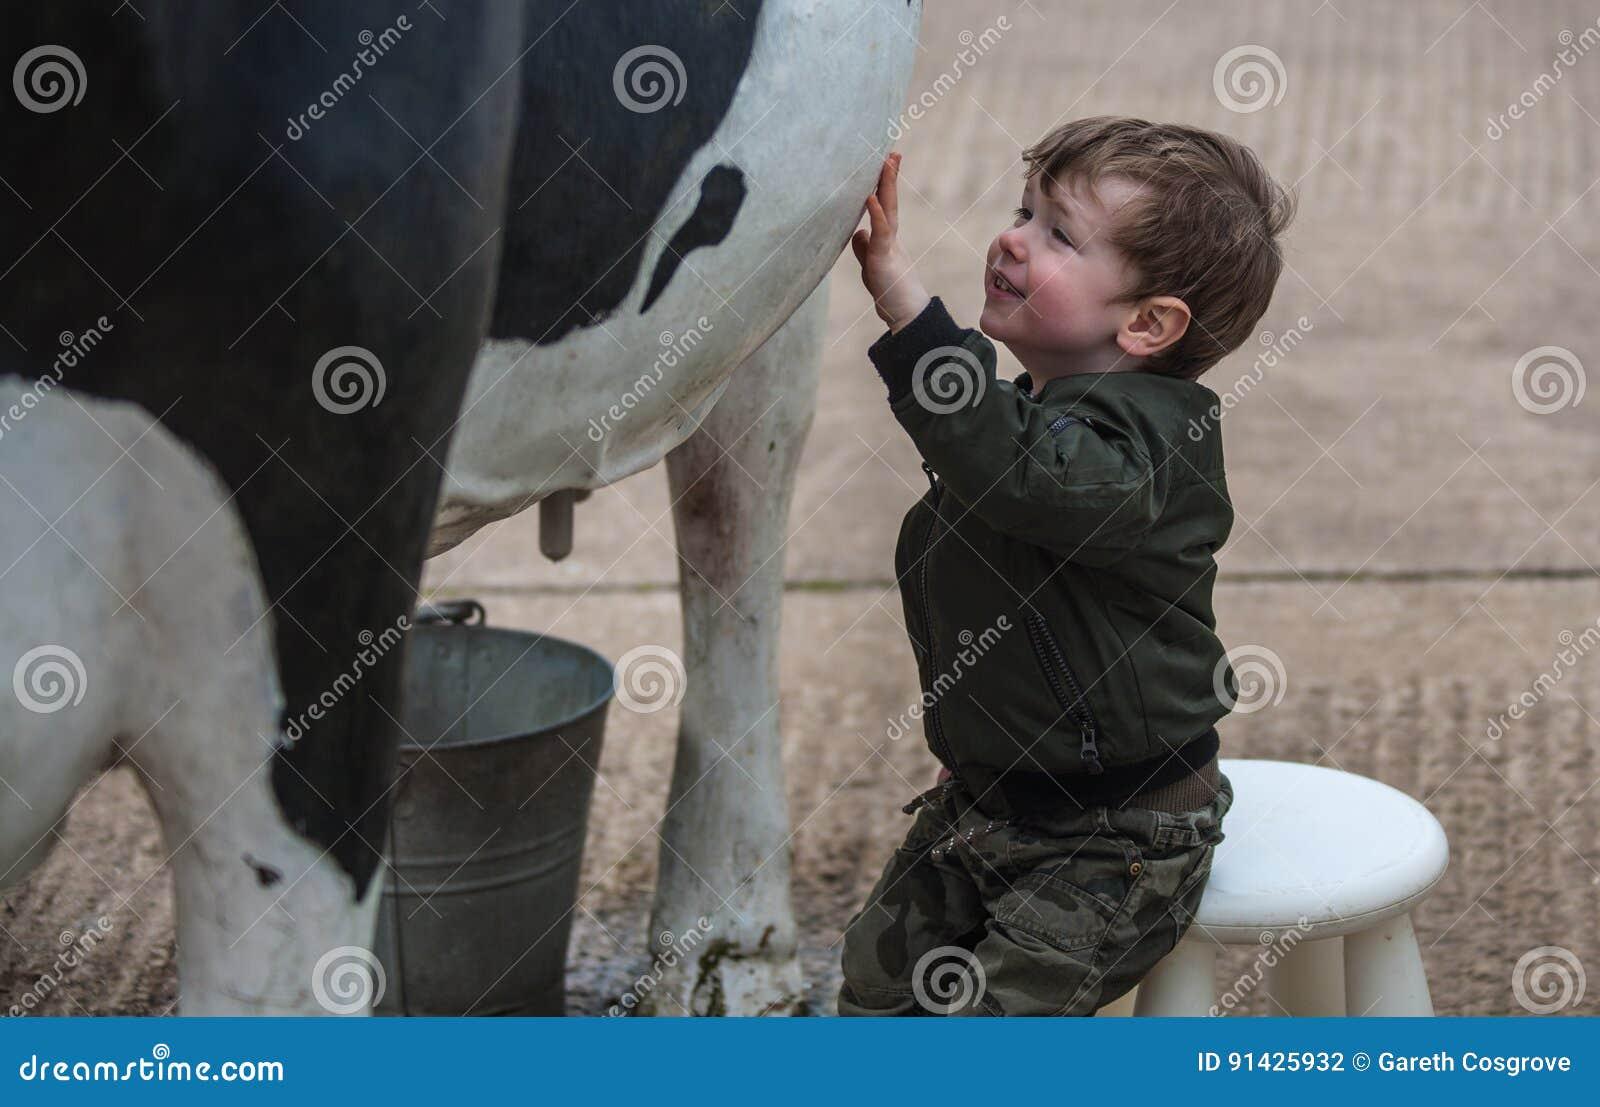 使用与复制品母牛的孩子